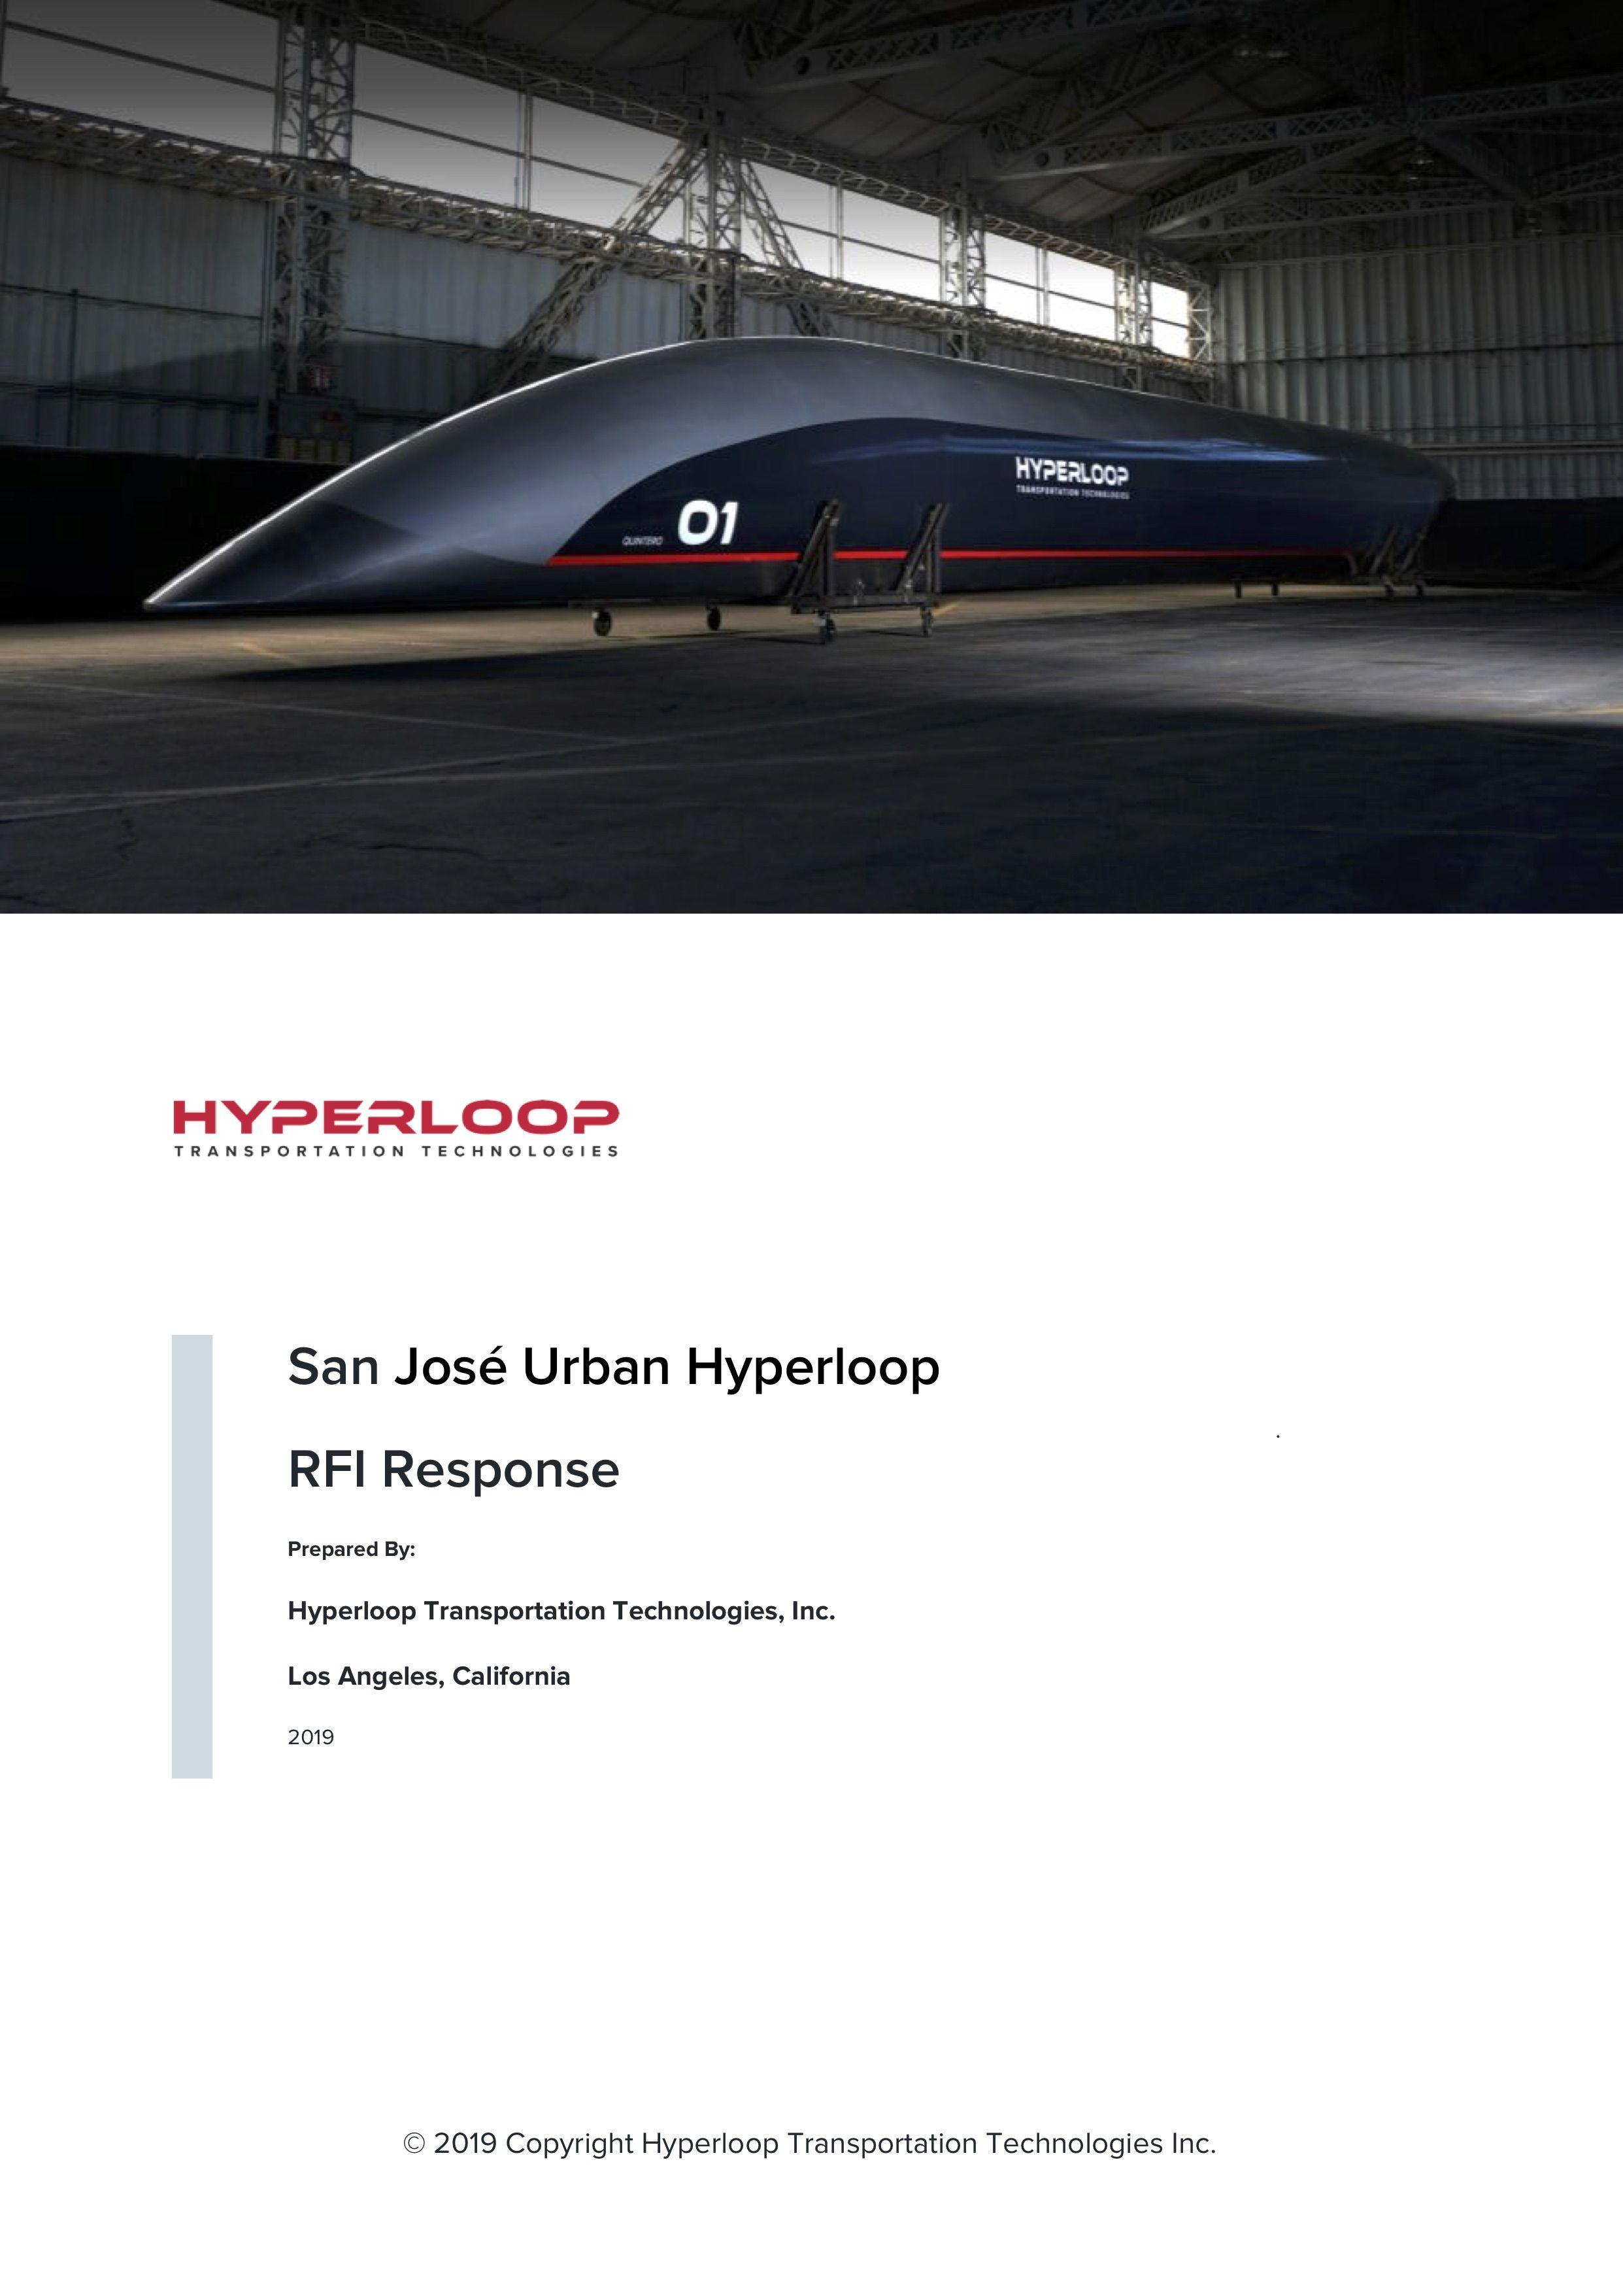 San José Urban Hyperloop RFI Response Prepared By